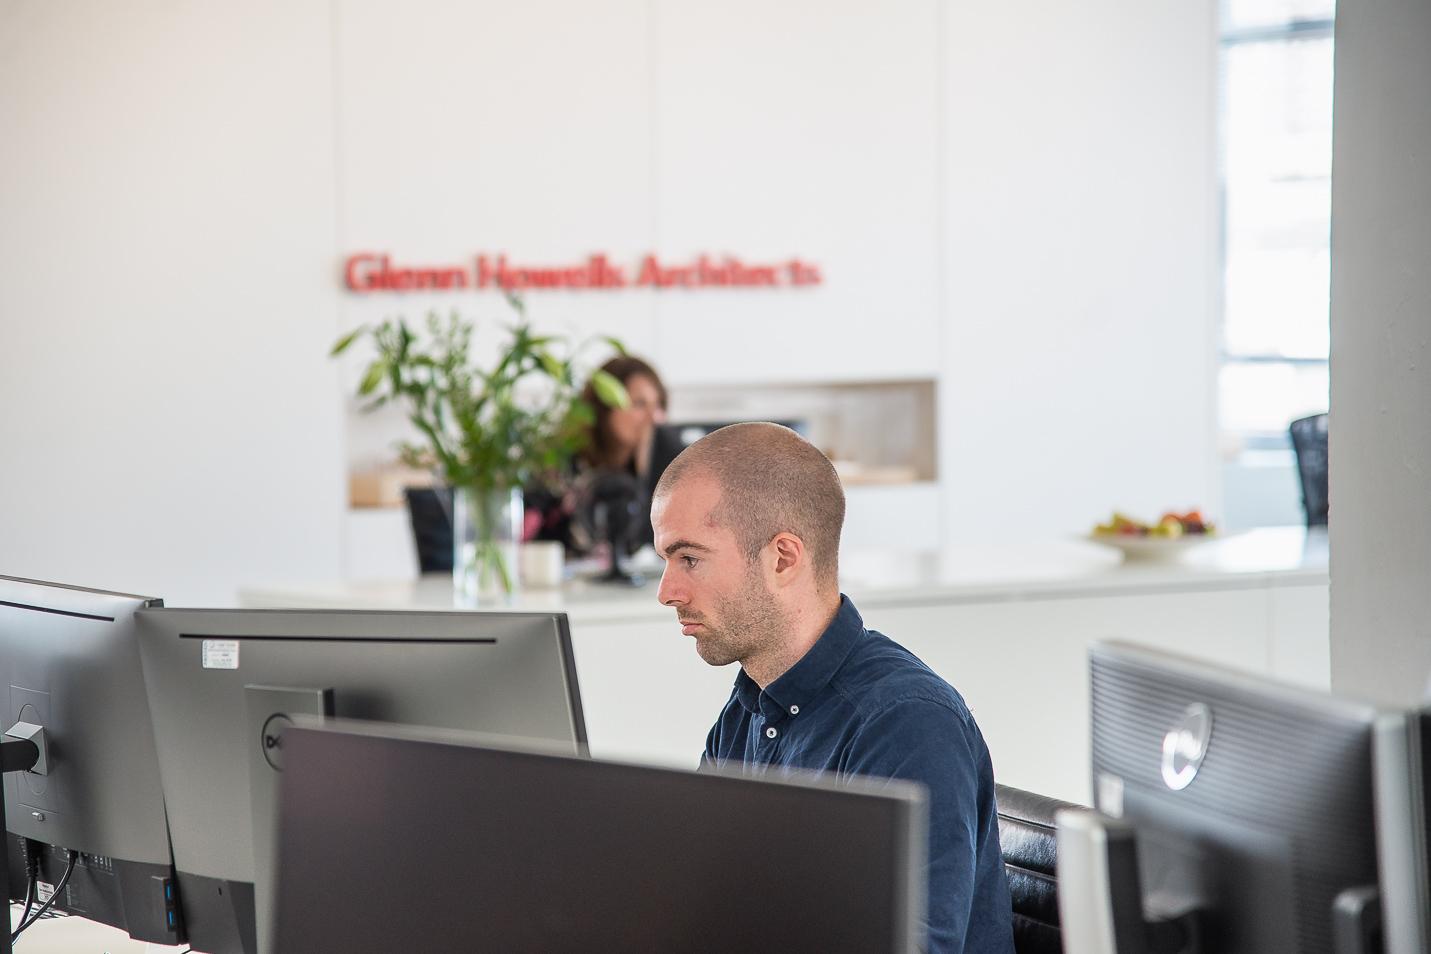 Glenn Howells Architects Commercial interiordsc_1574_OCUK.jpg